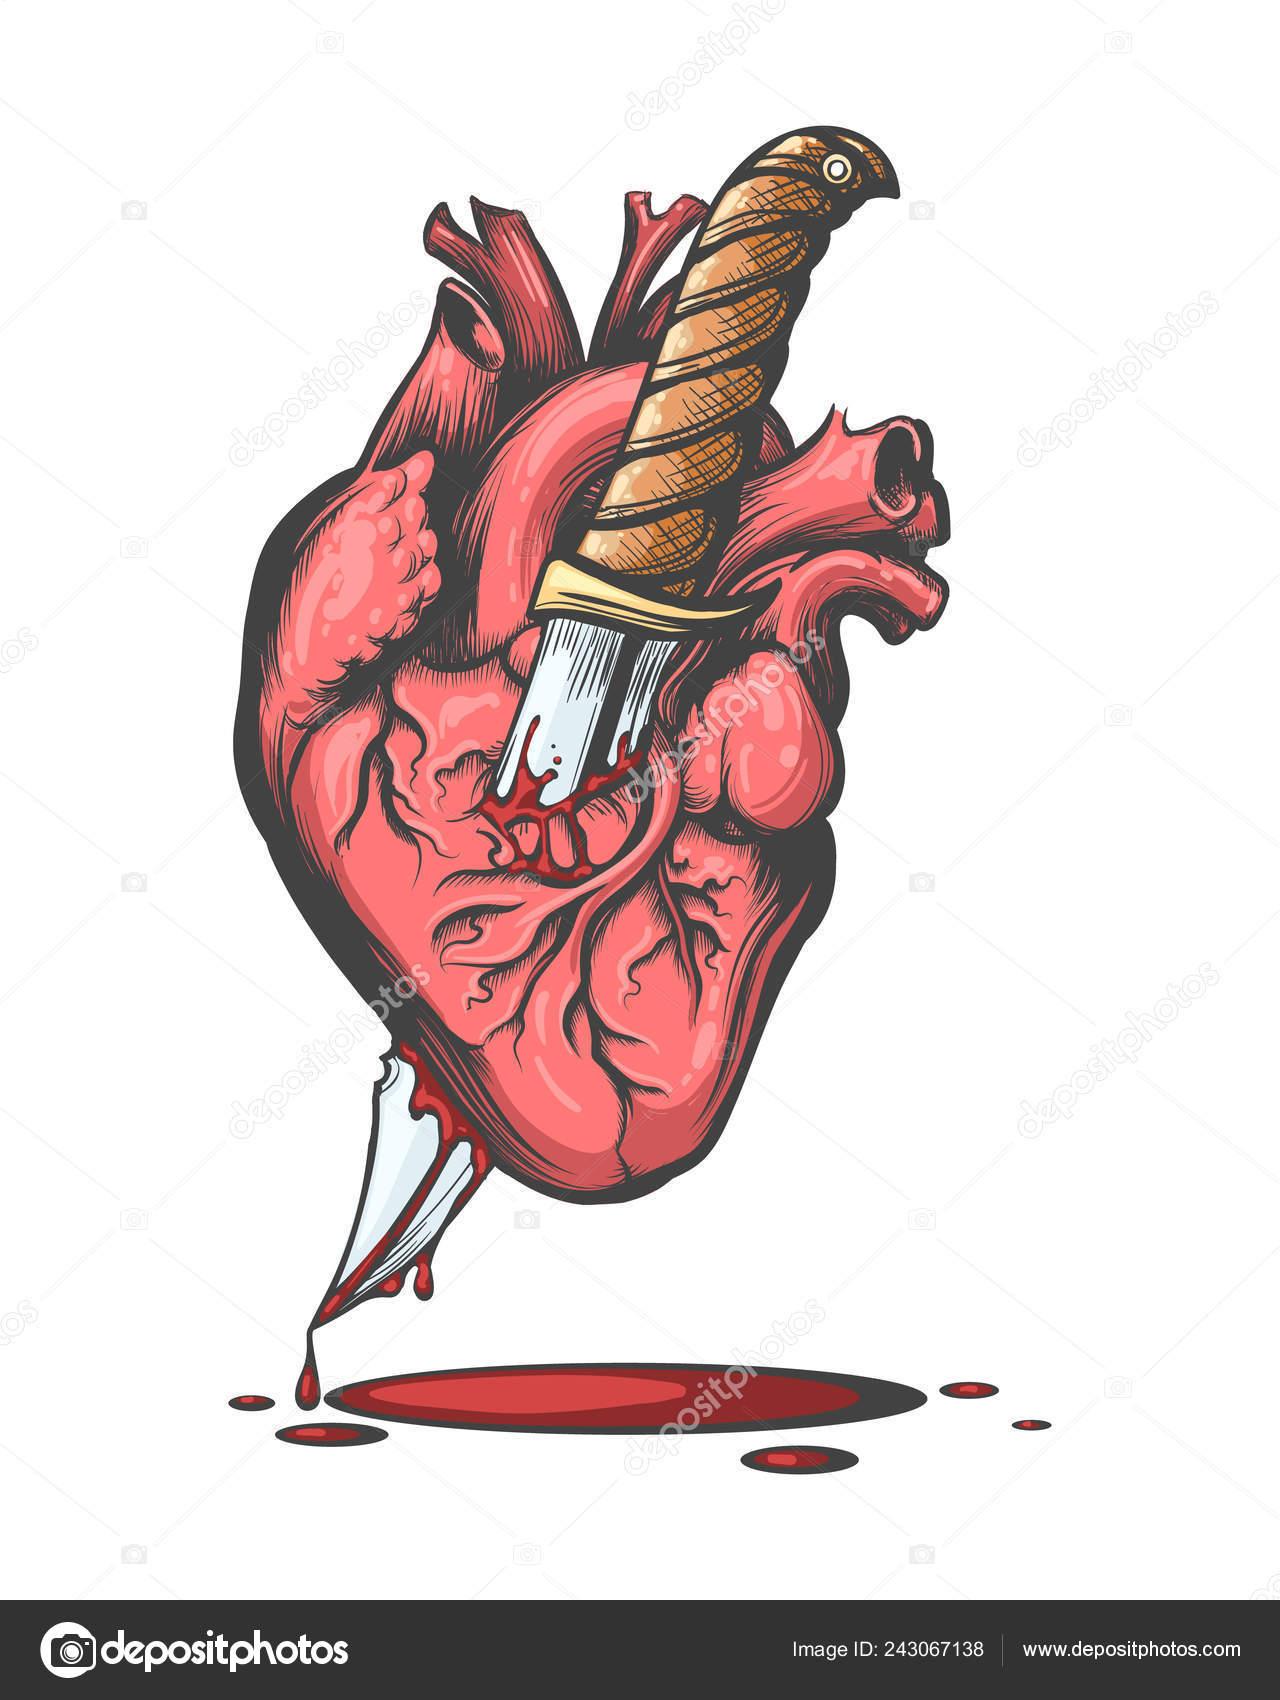 Sangrado Corazón Humano Atravesado Por Cuchillos Estilo Tatuaje